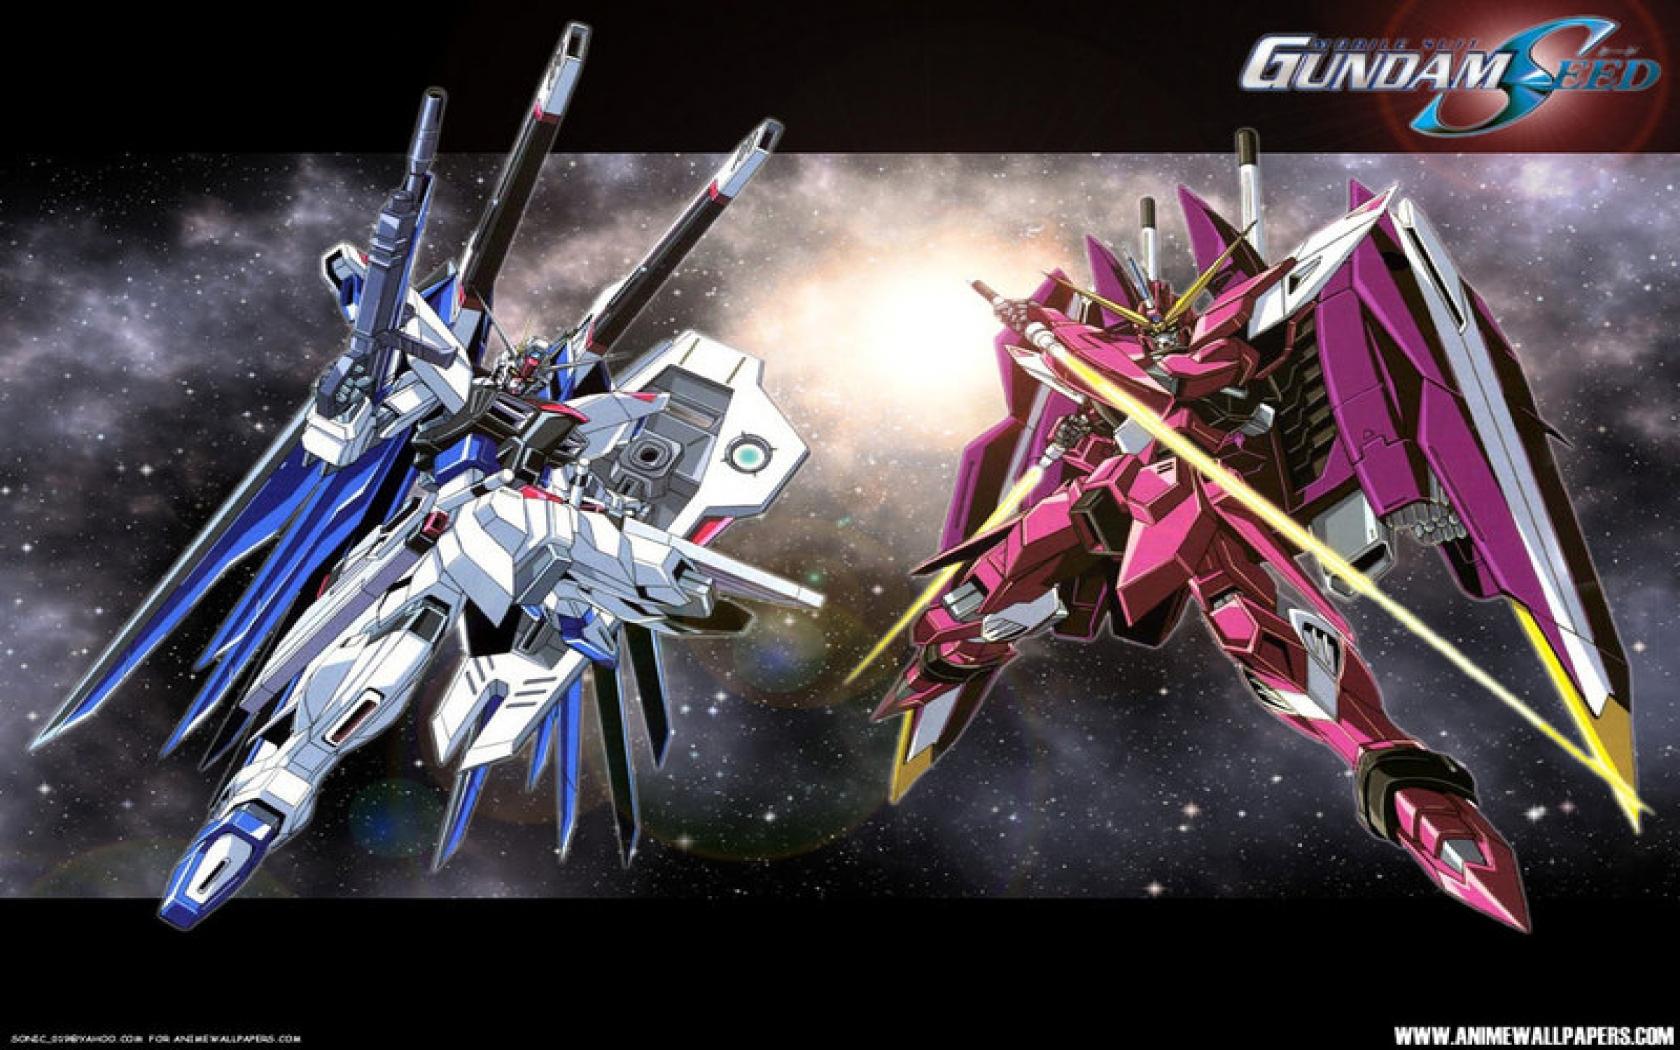 Gundam Seed gundam seed 1680 x 1050 Fondos de Pantalla y 1680x1050